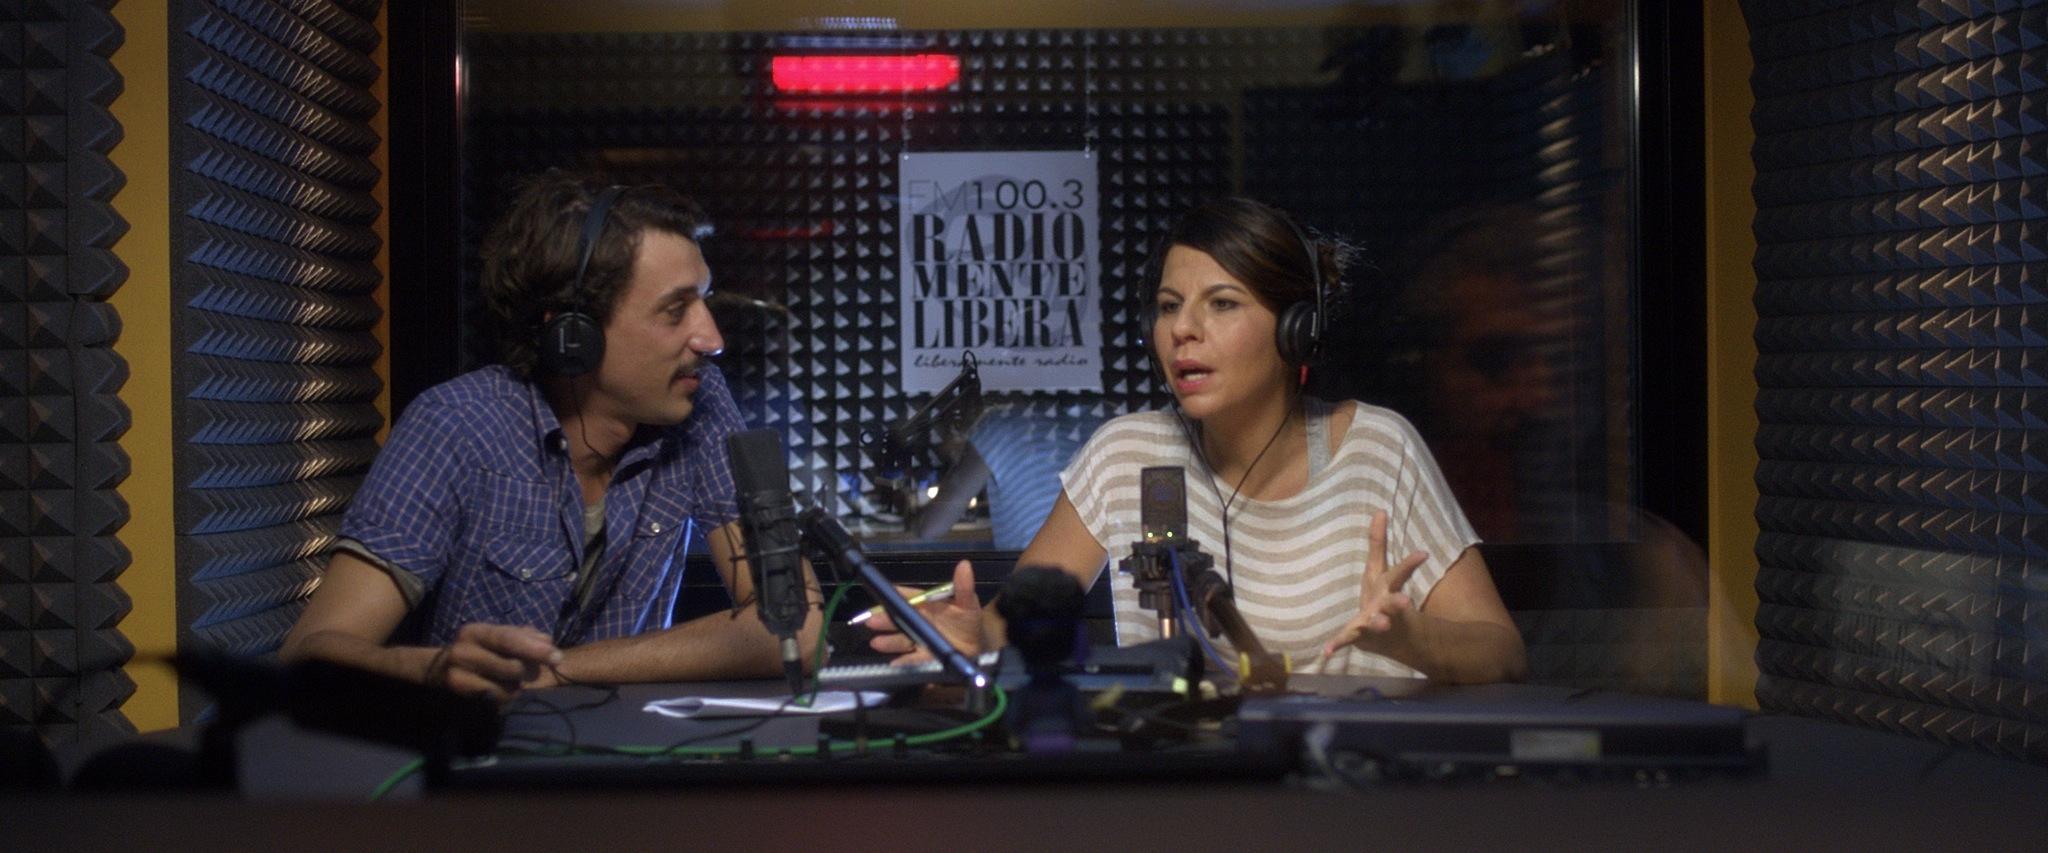 Luca Bizzarri con Geppi Cucciari in Un fidanzato per mia moglie, commedia del 2014